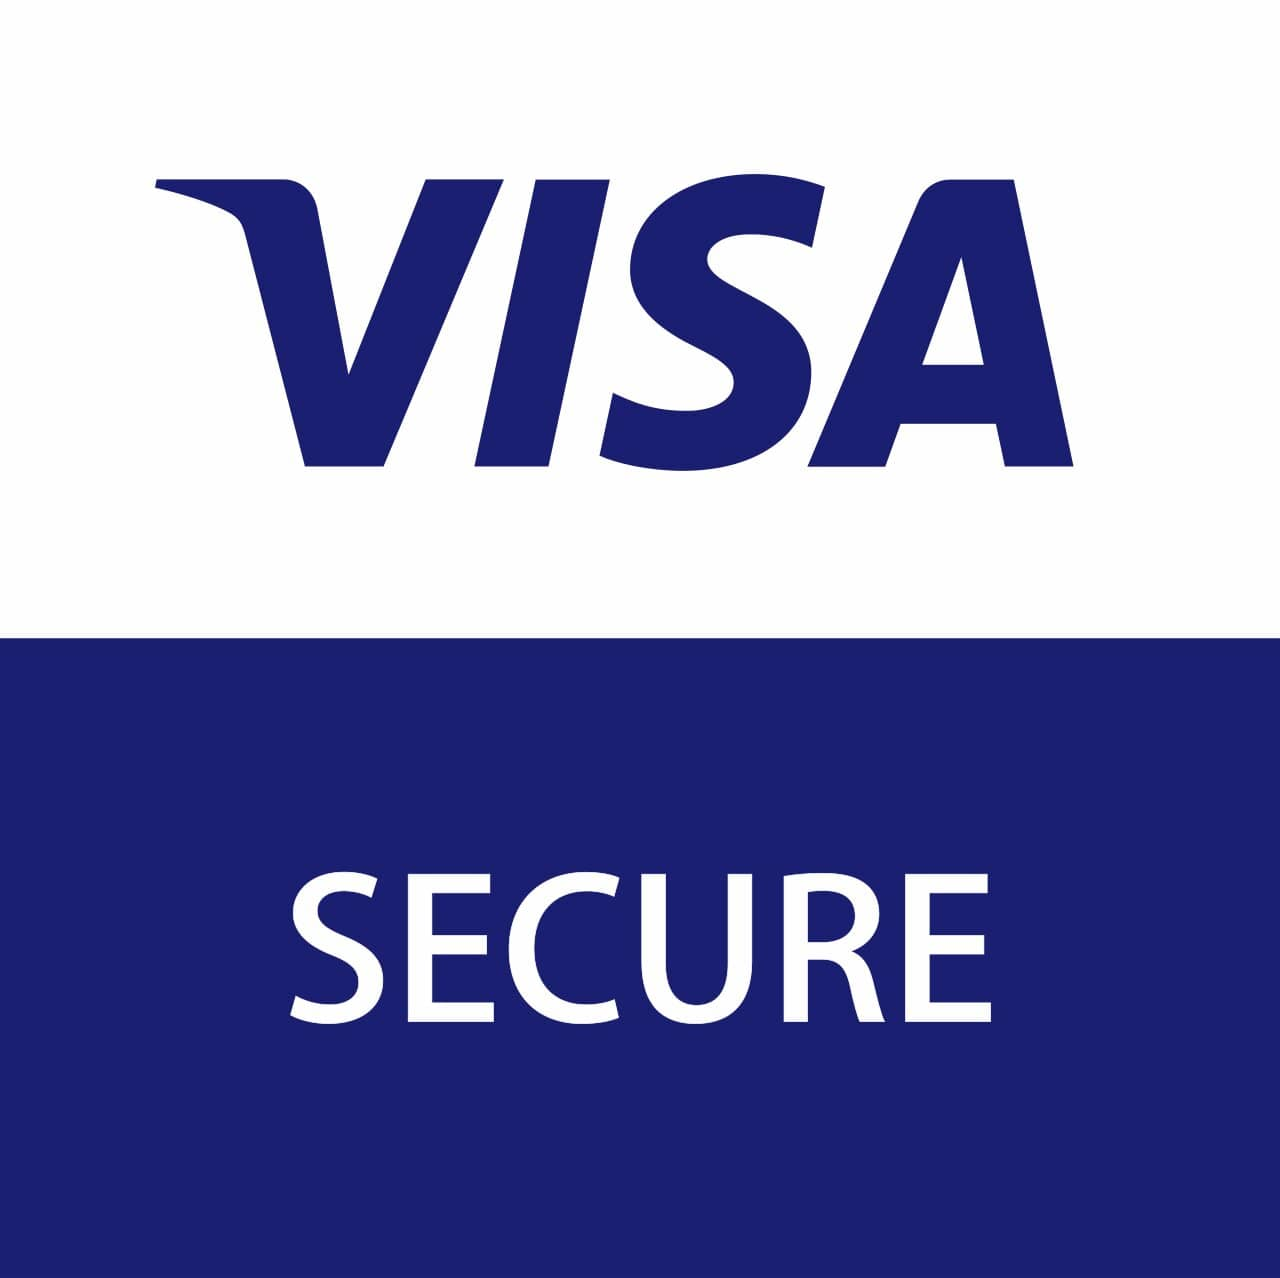 visa_secure